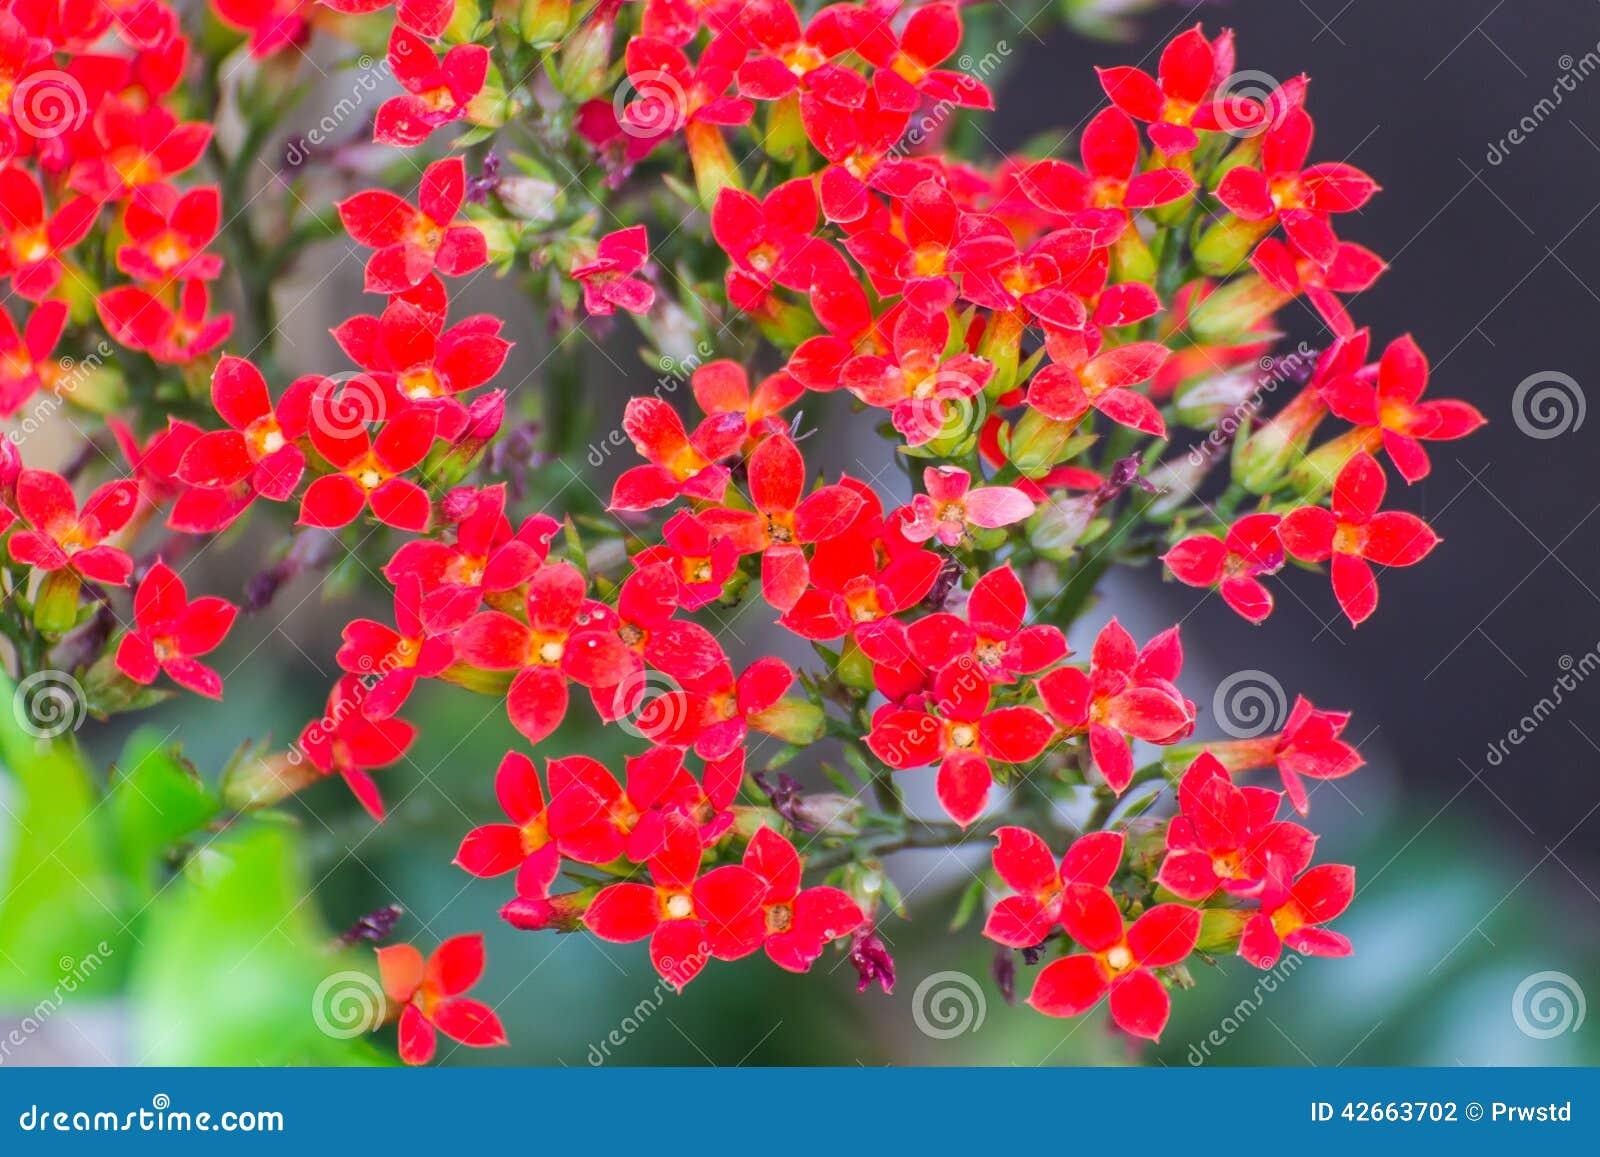 Fleur Rouge De Kalanchoe Photo Stock Image Du Photographie 42663702